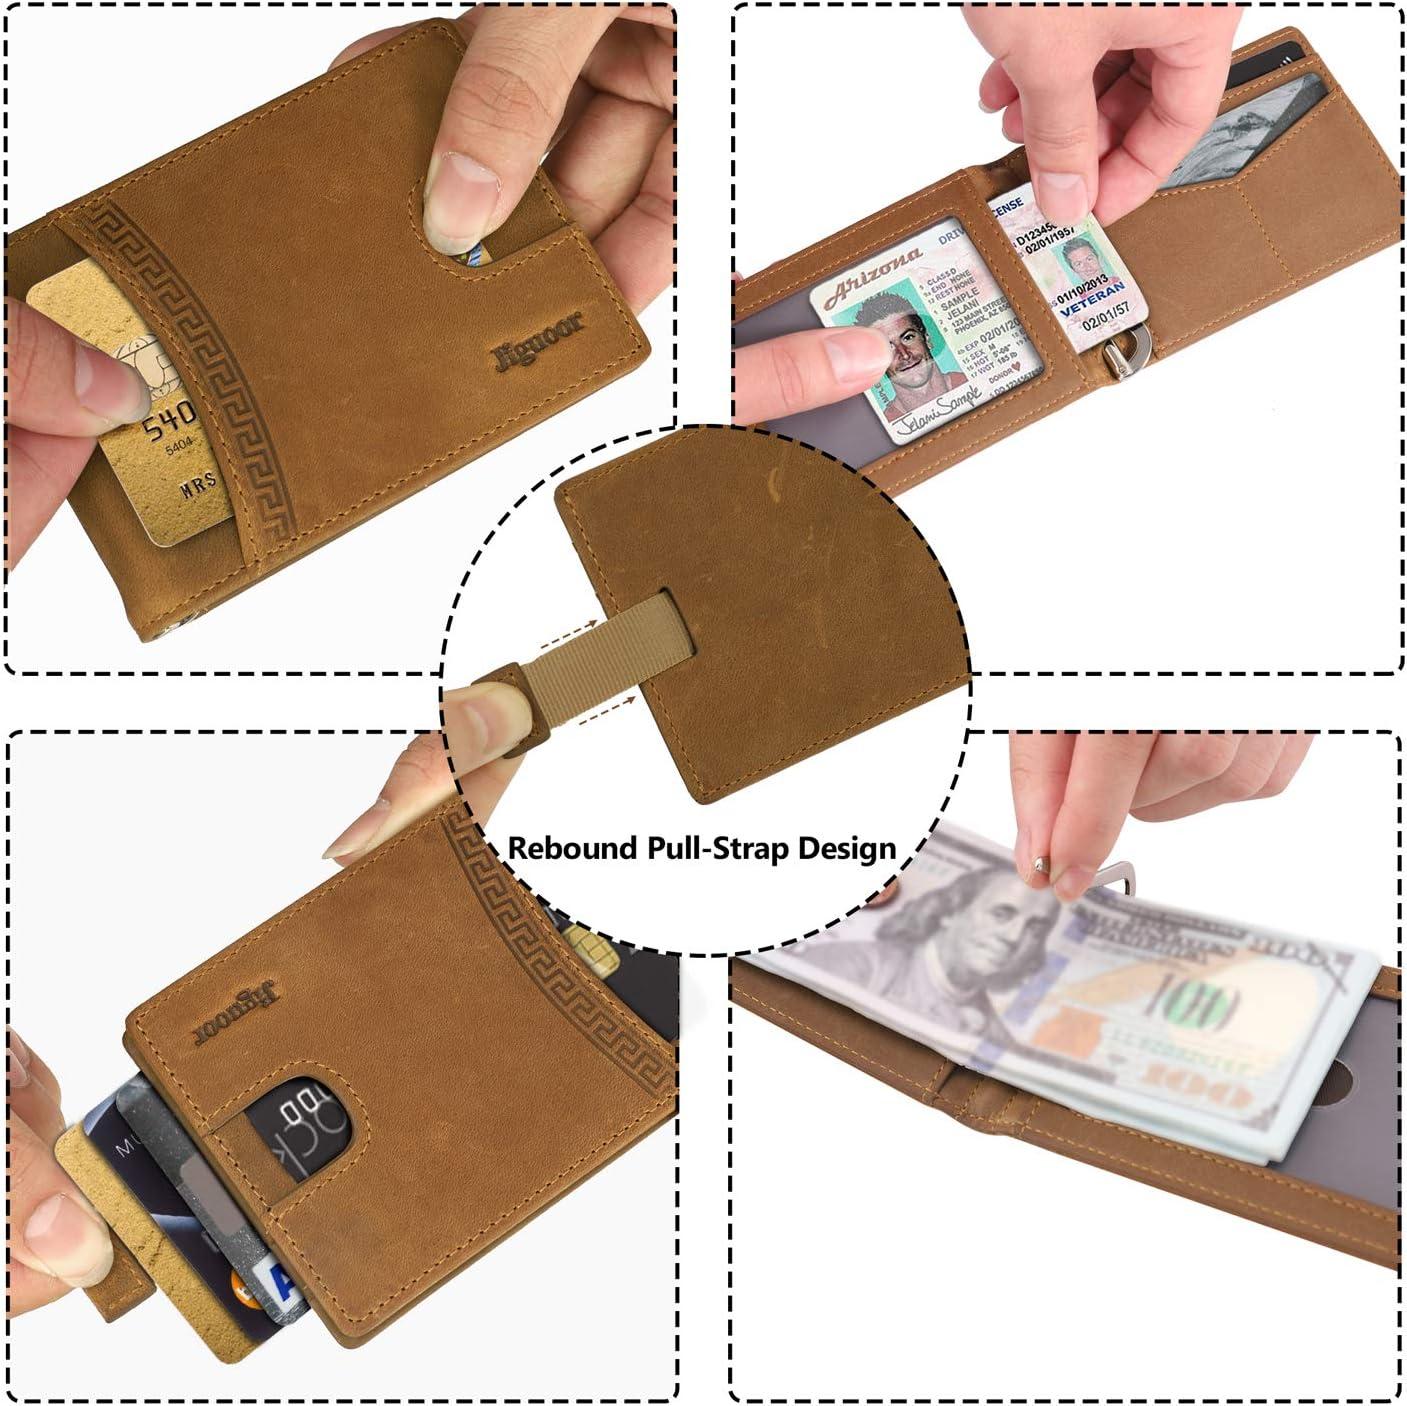 Jiguoor Cartera con Pinza para Billetes Bloqueo RFID Protege Tarjetas de cr/édito Tarjetero Hombre Slim Estuche Billetero Cartera peque/ña de Viaje